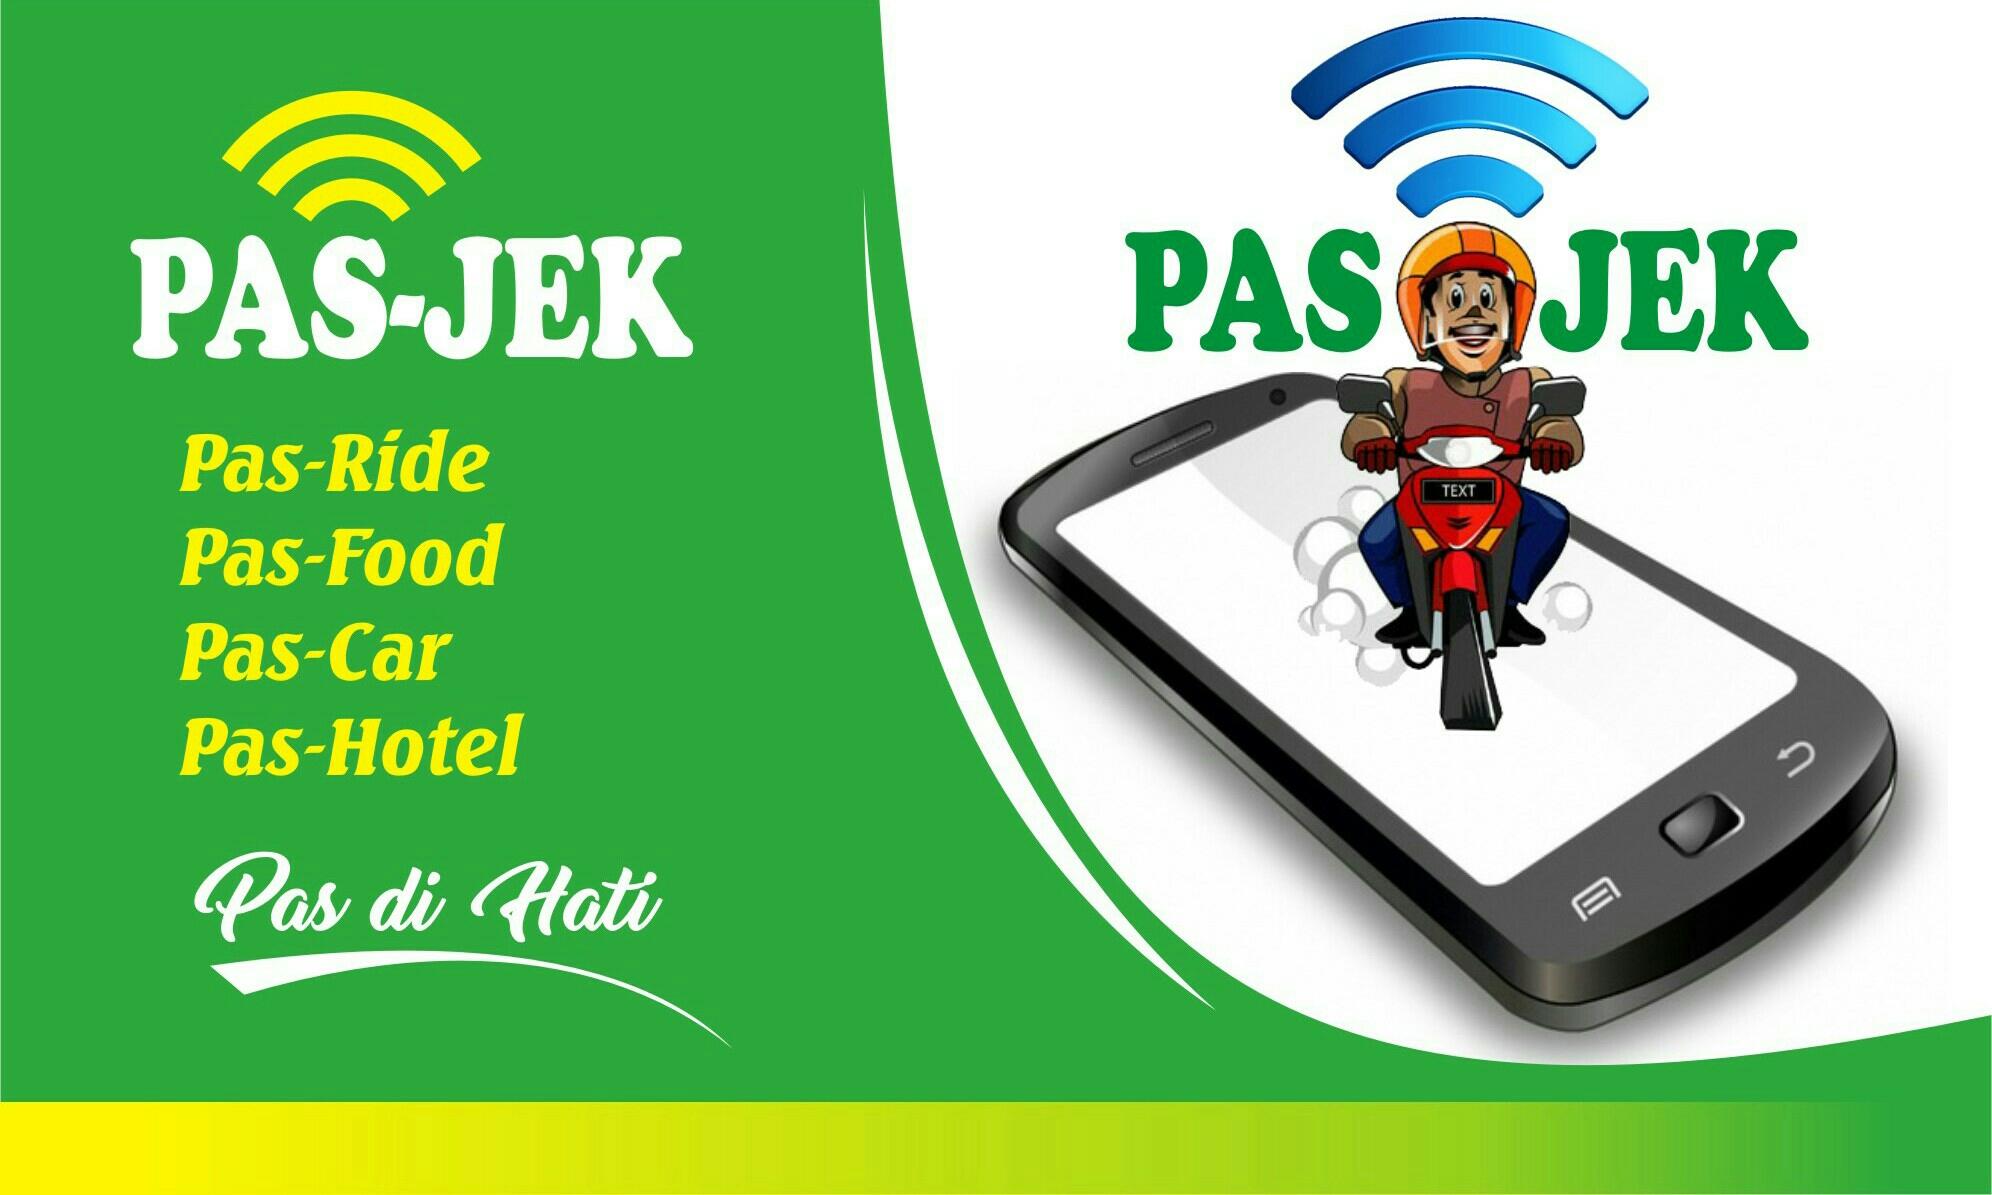 PAS-JEK 1